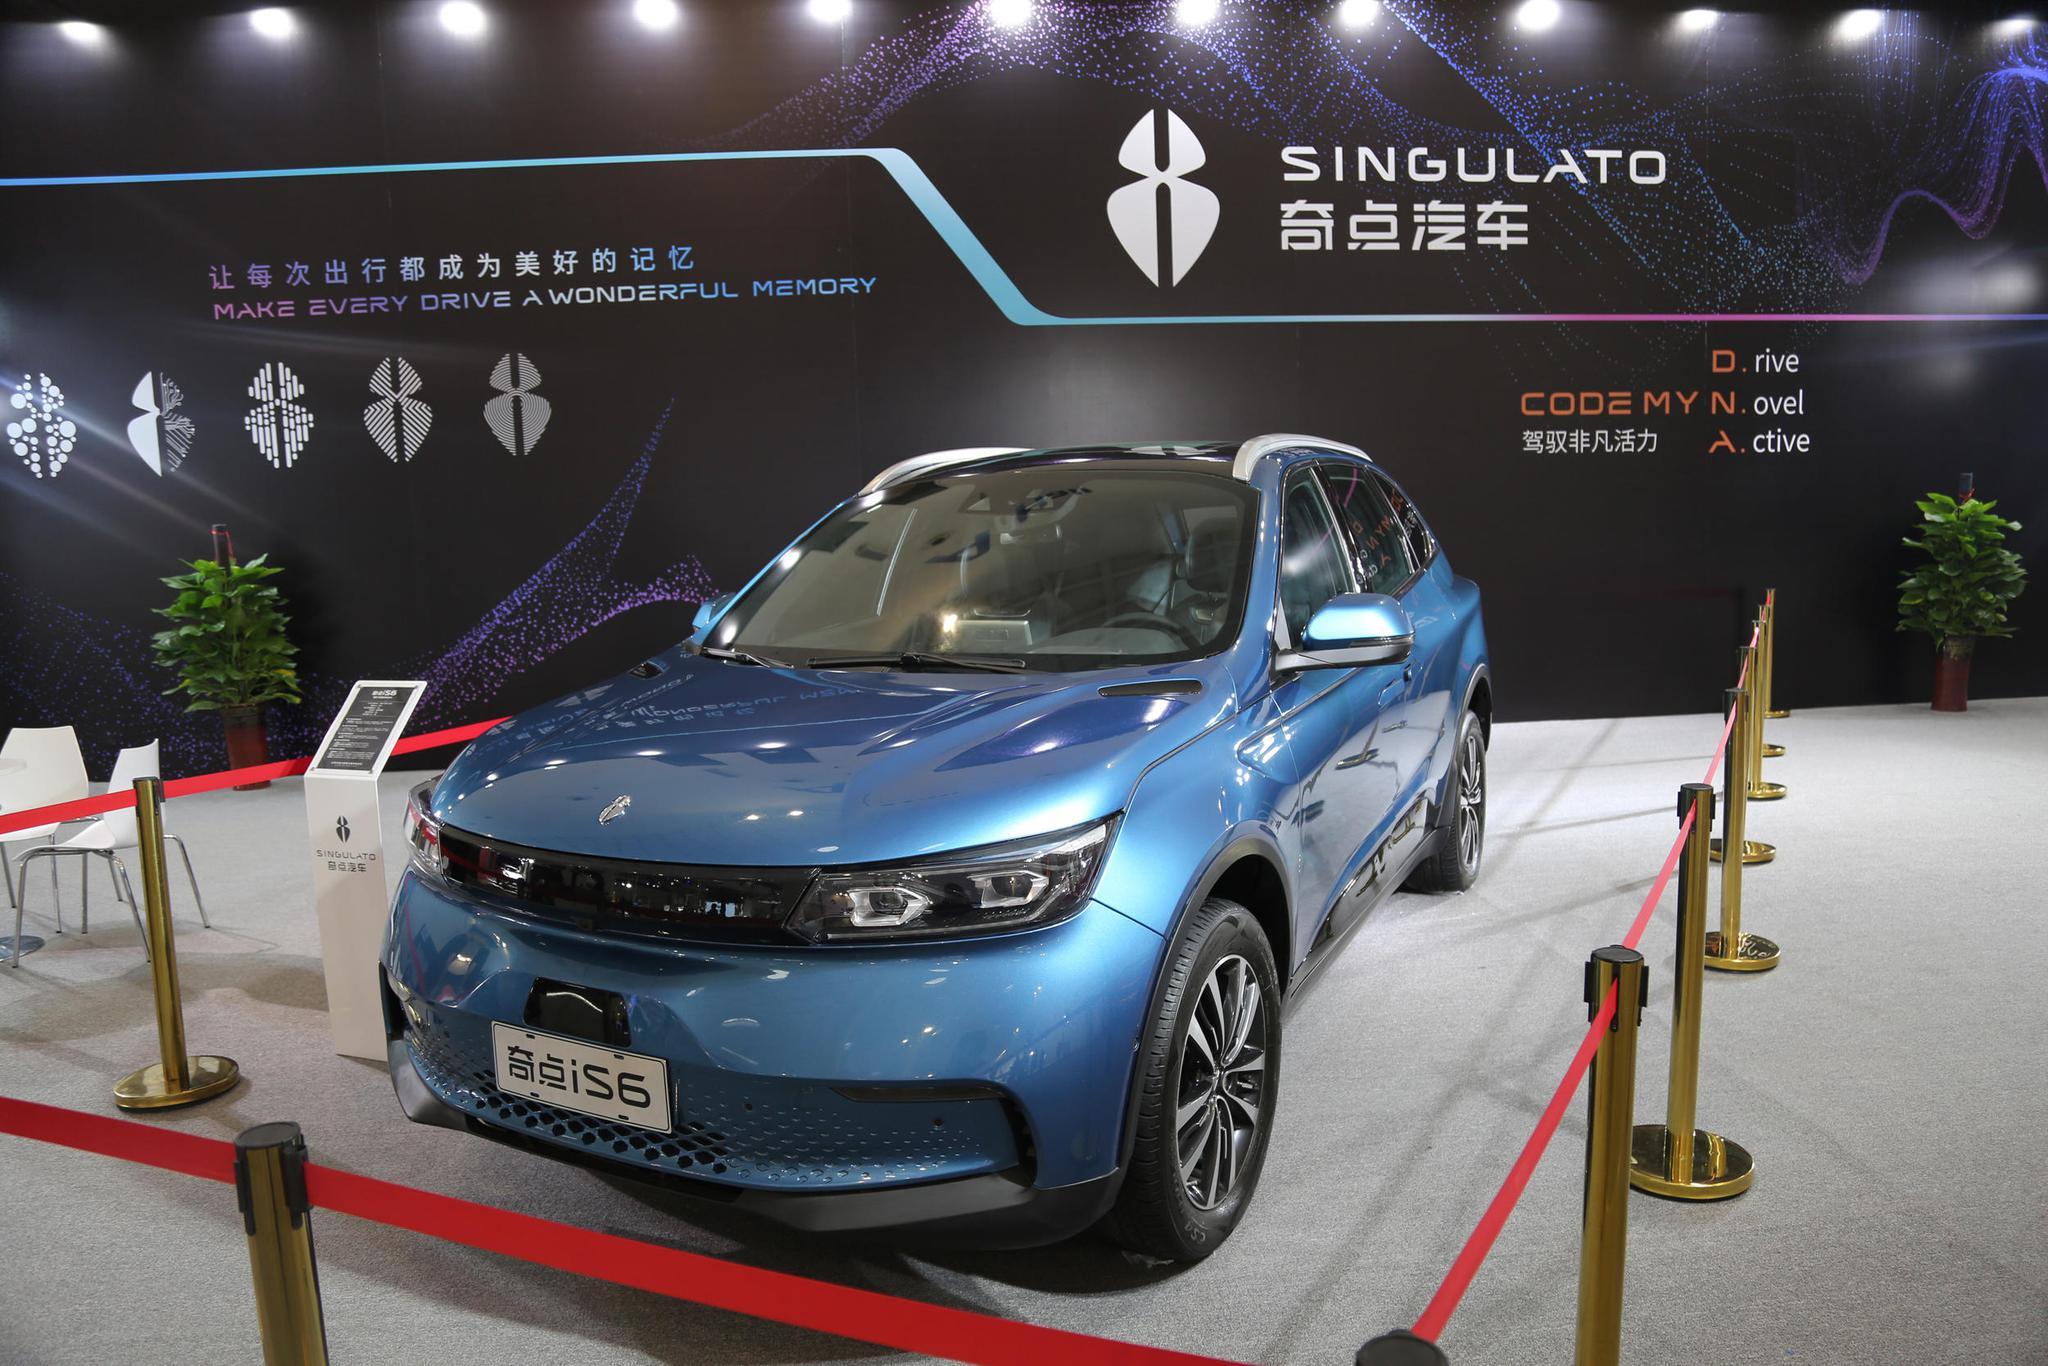 奇点汽车首款量产车型,奇点iS6 智能电动SUV,车展实拍!